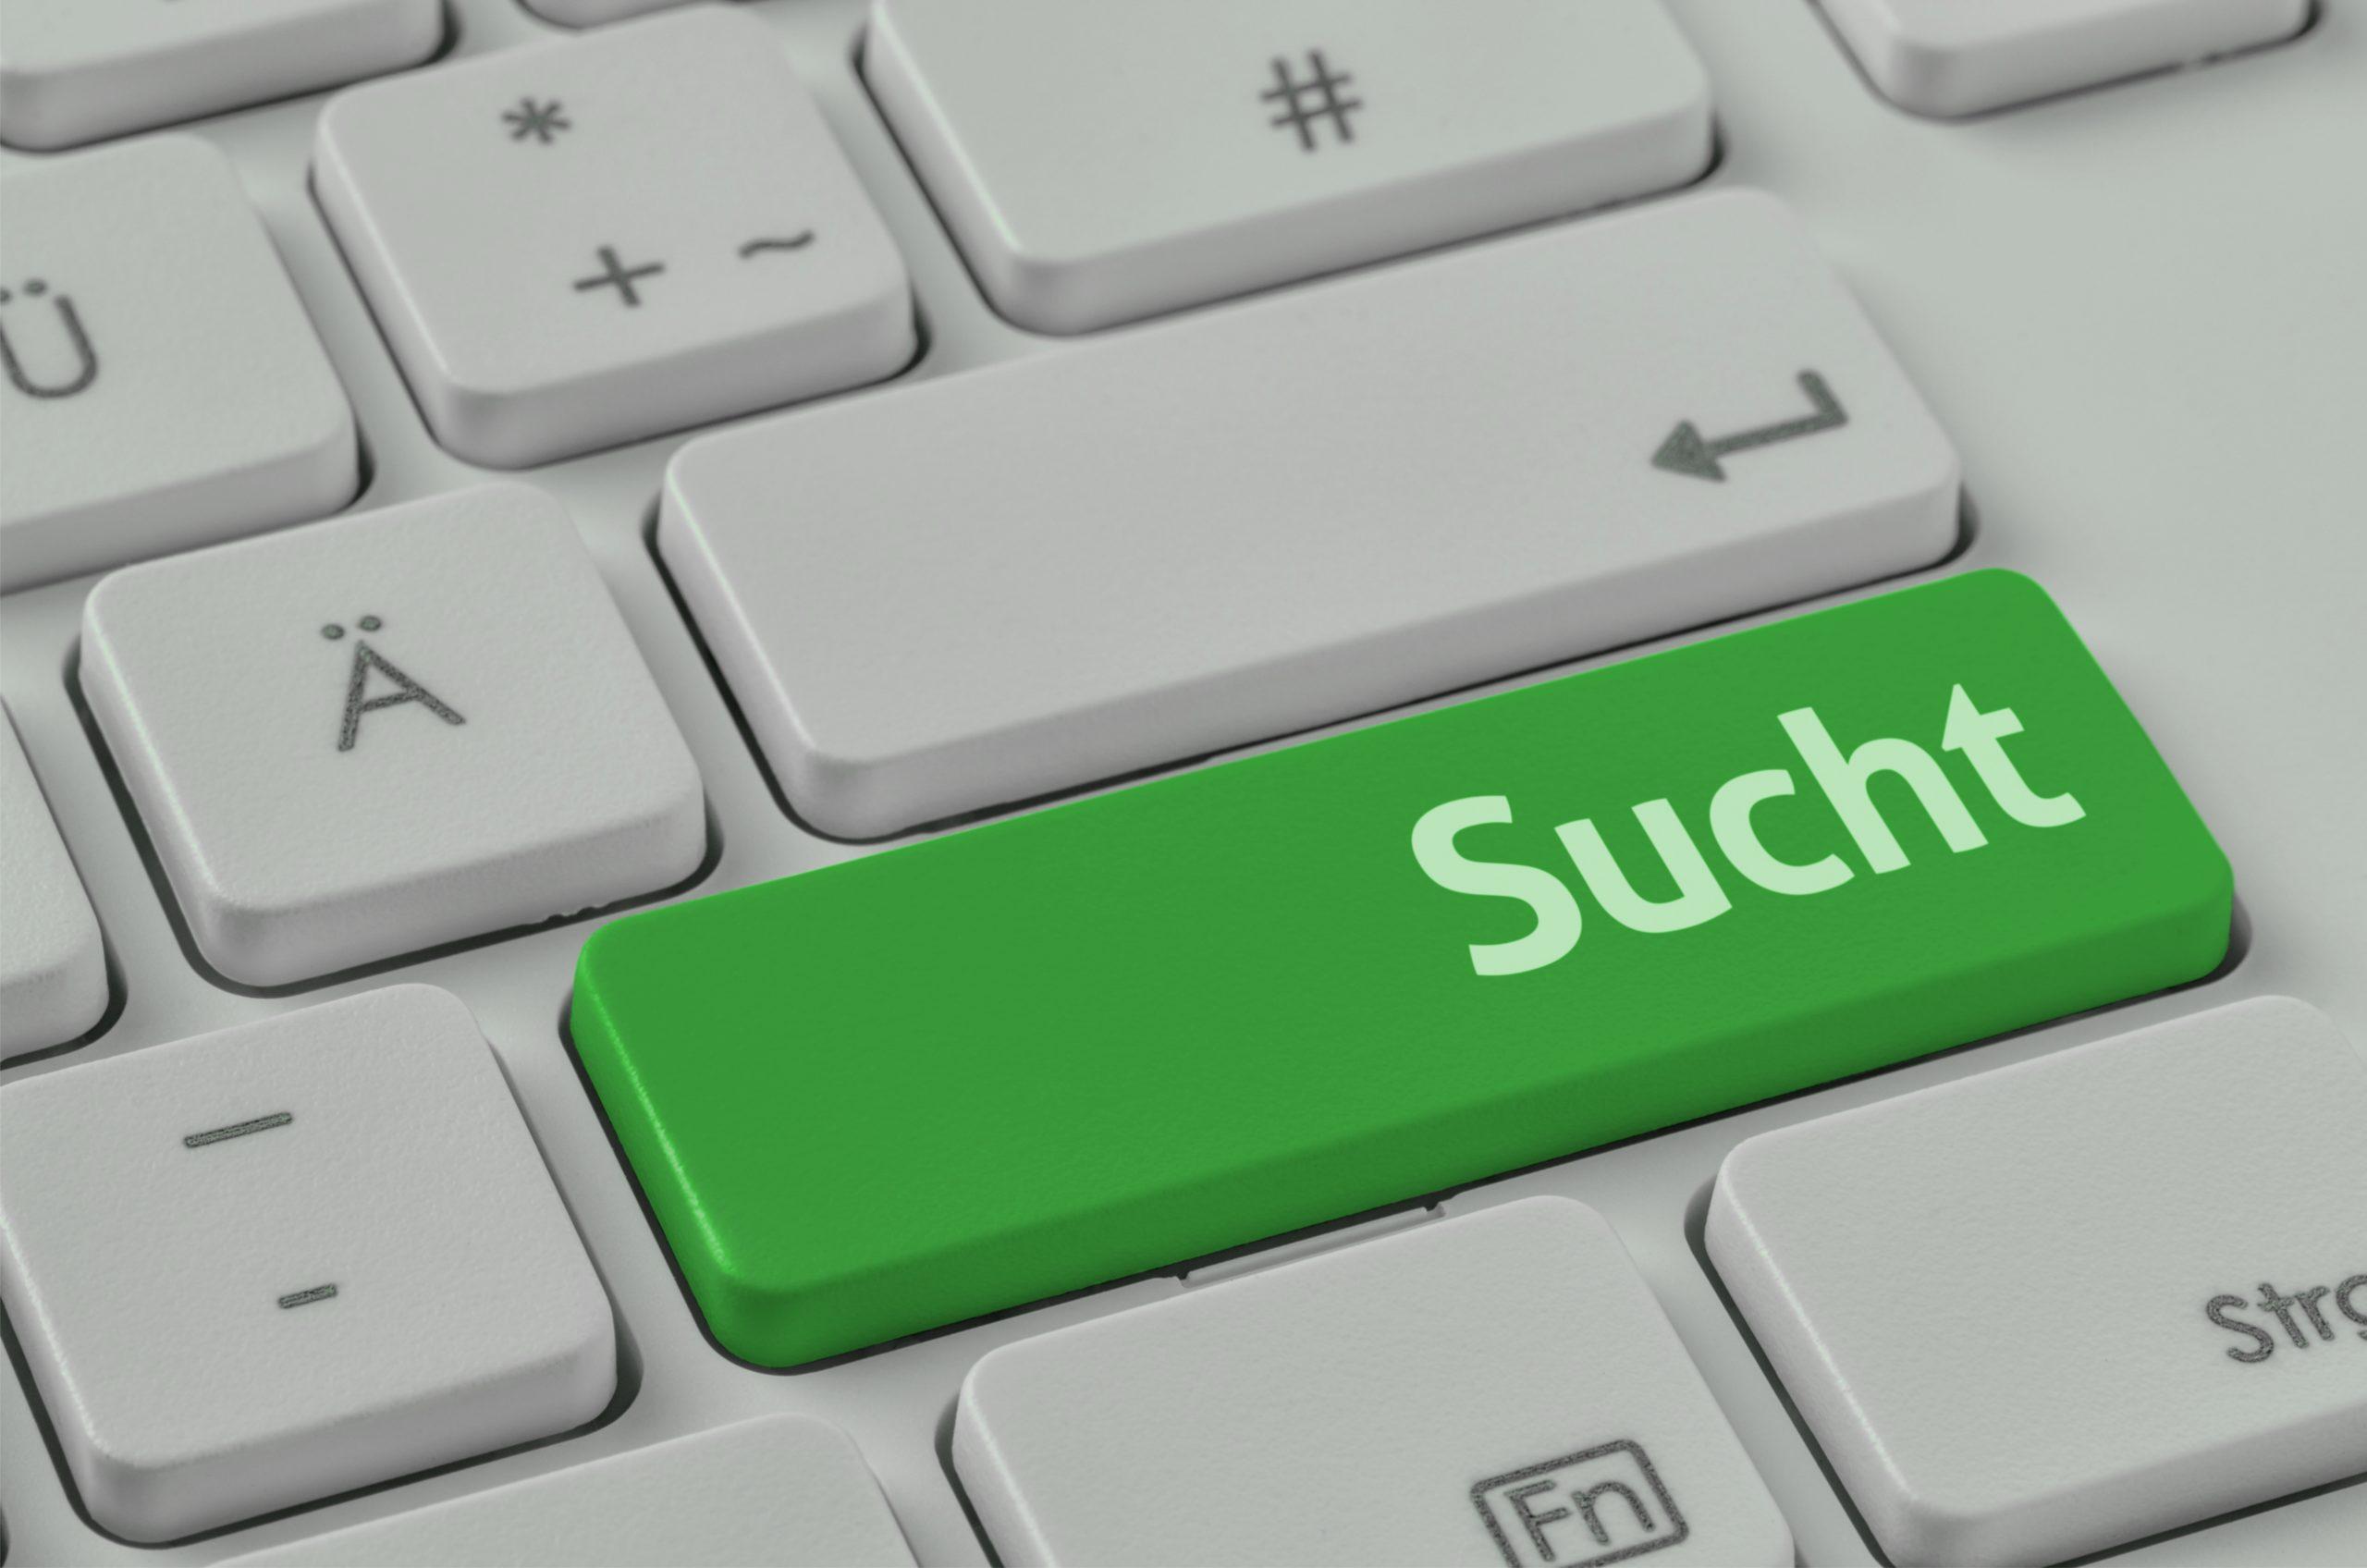 Bild Tastatur Sucht Seite Selbsttest